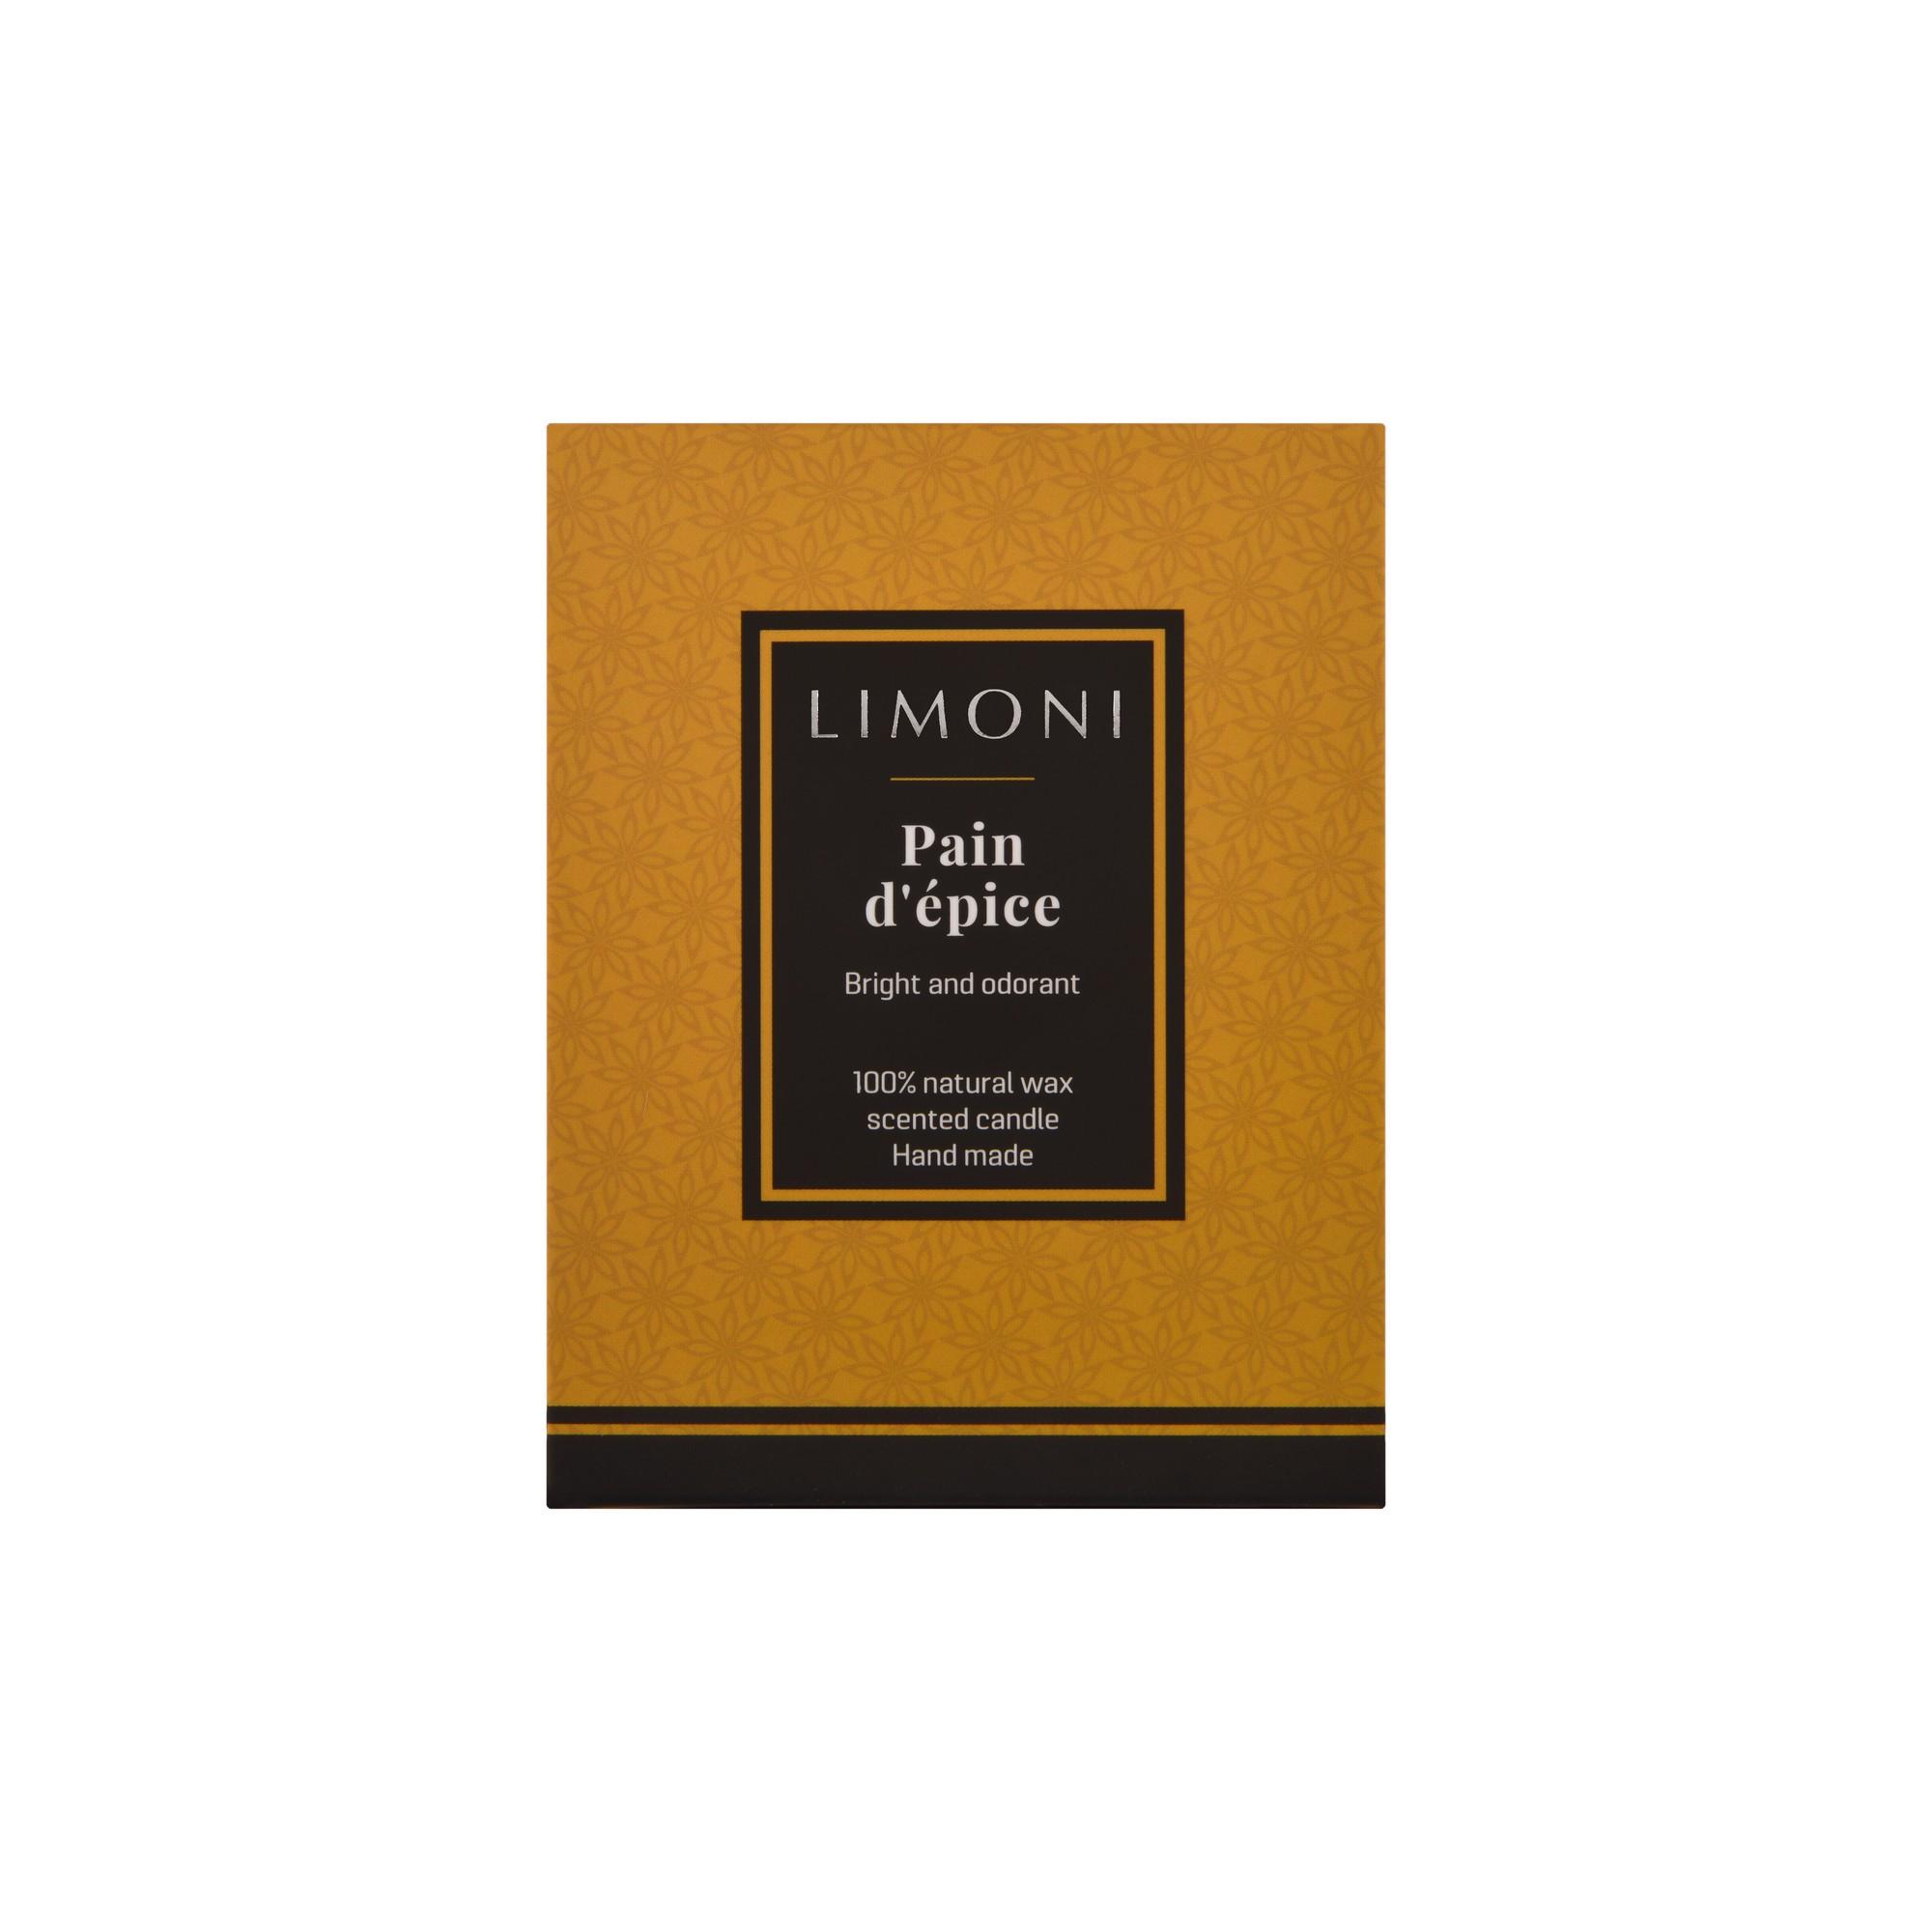 LIMONI Свеча ароматическая Пирог со специями / LIMONI Pain d'epice, 160 г от Галерея Косметики